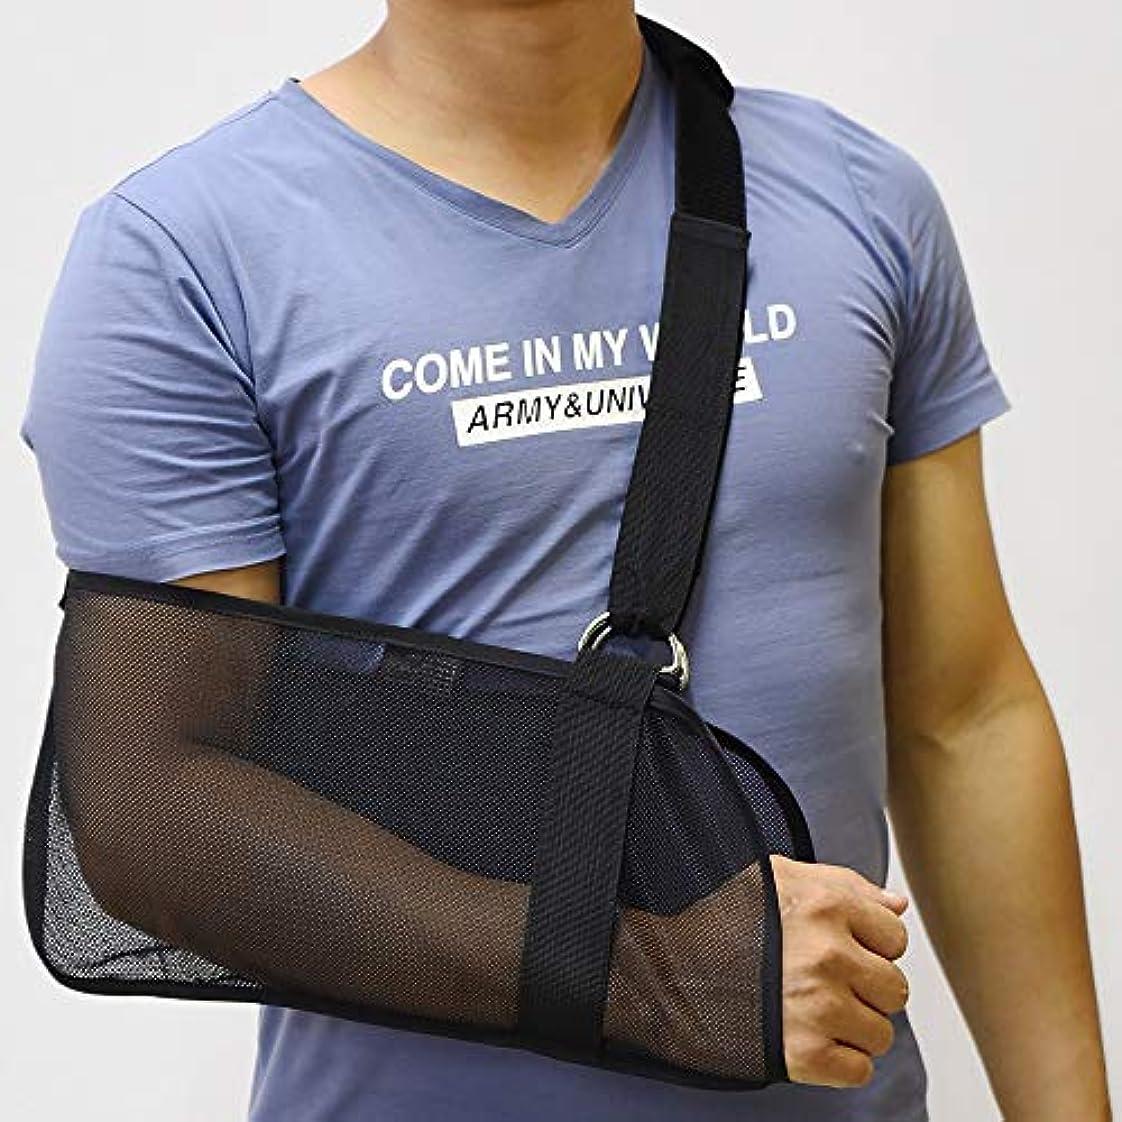 素晴らしさ割合省ZYL-YL アームスリング肘関節固定装具をハンギング前腕スリング腕の骨折固定ベルトサマーメッシュ通気性 (色 : 黒)